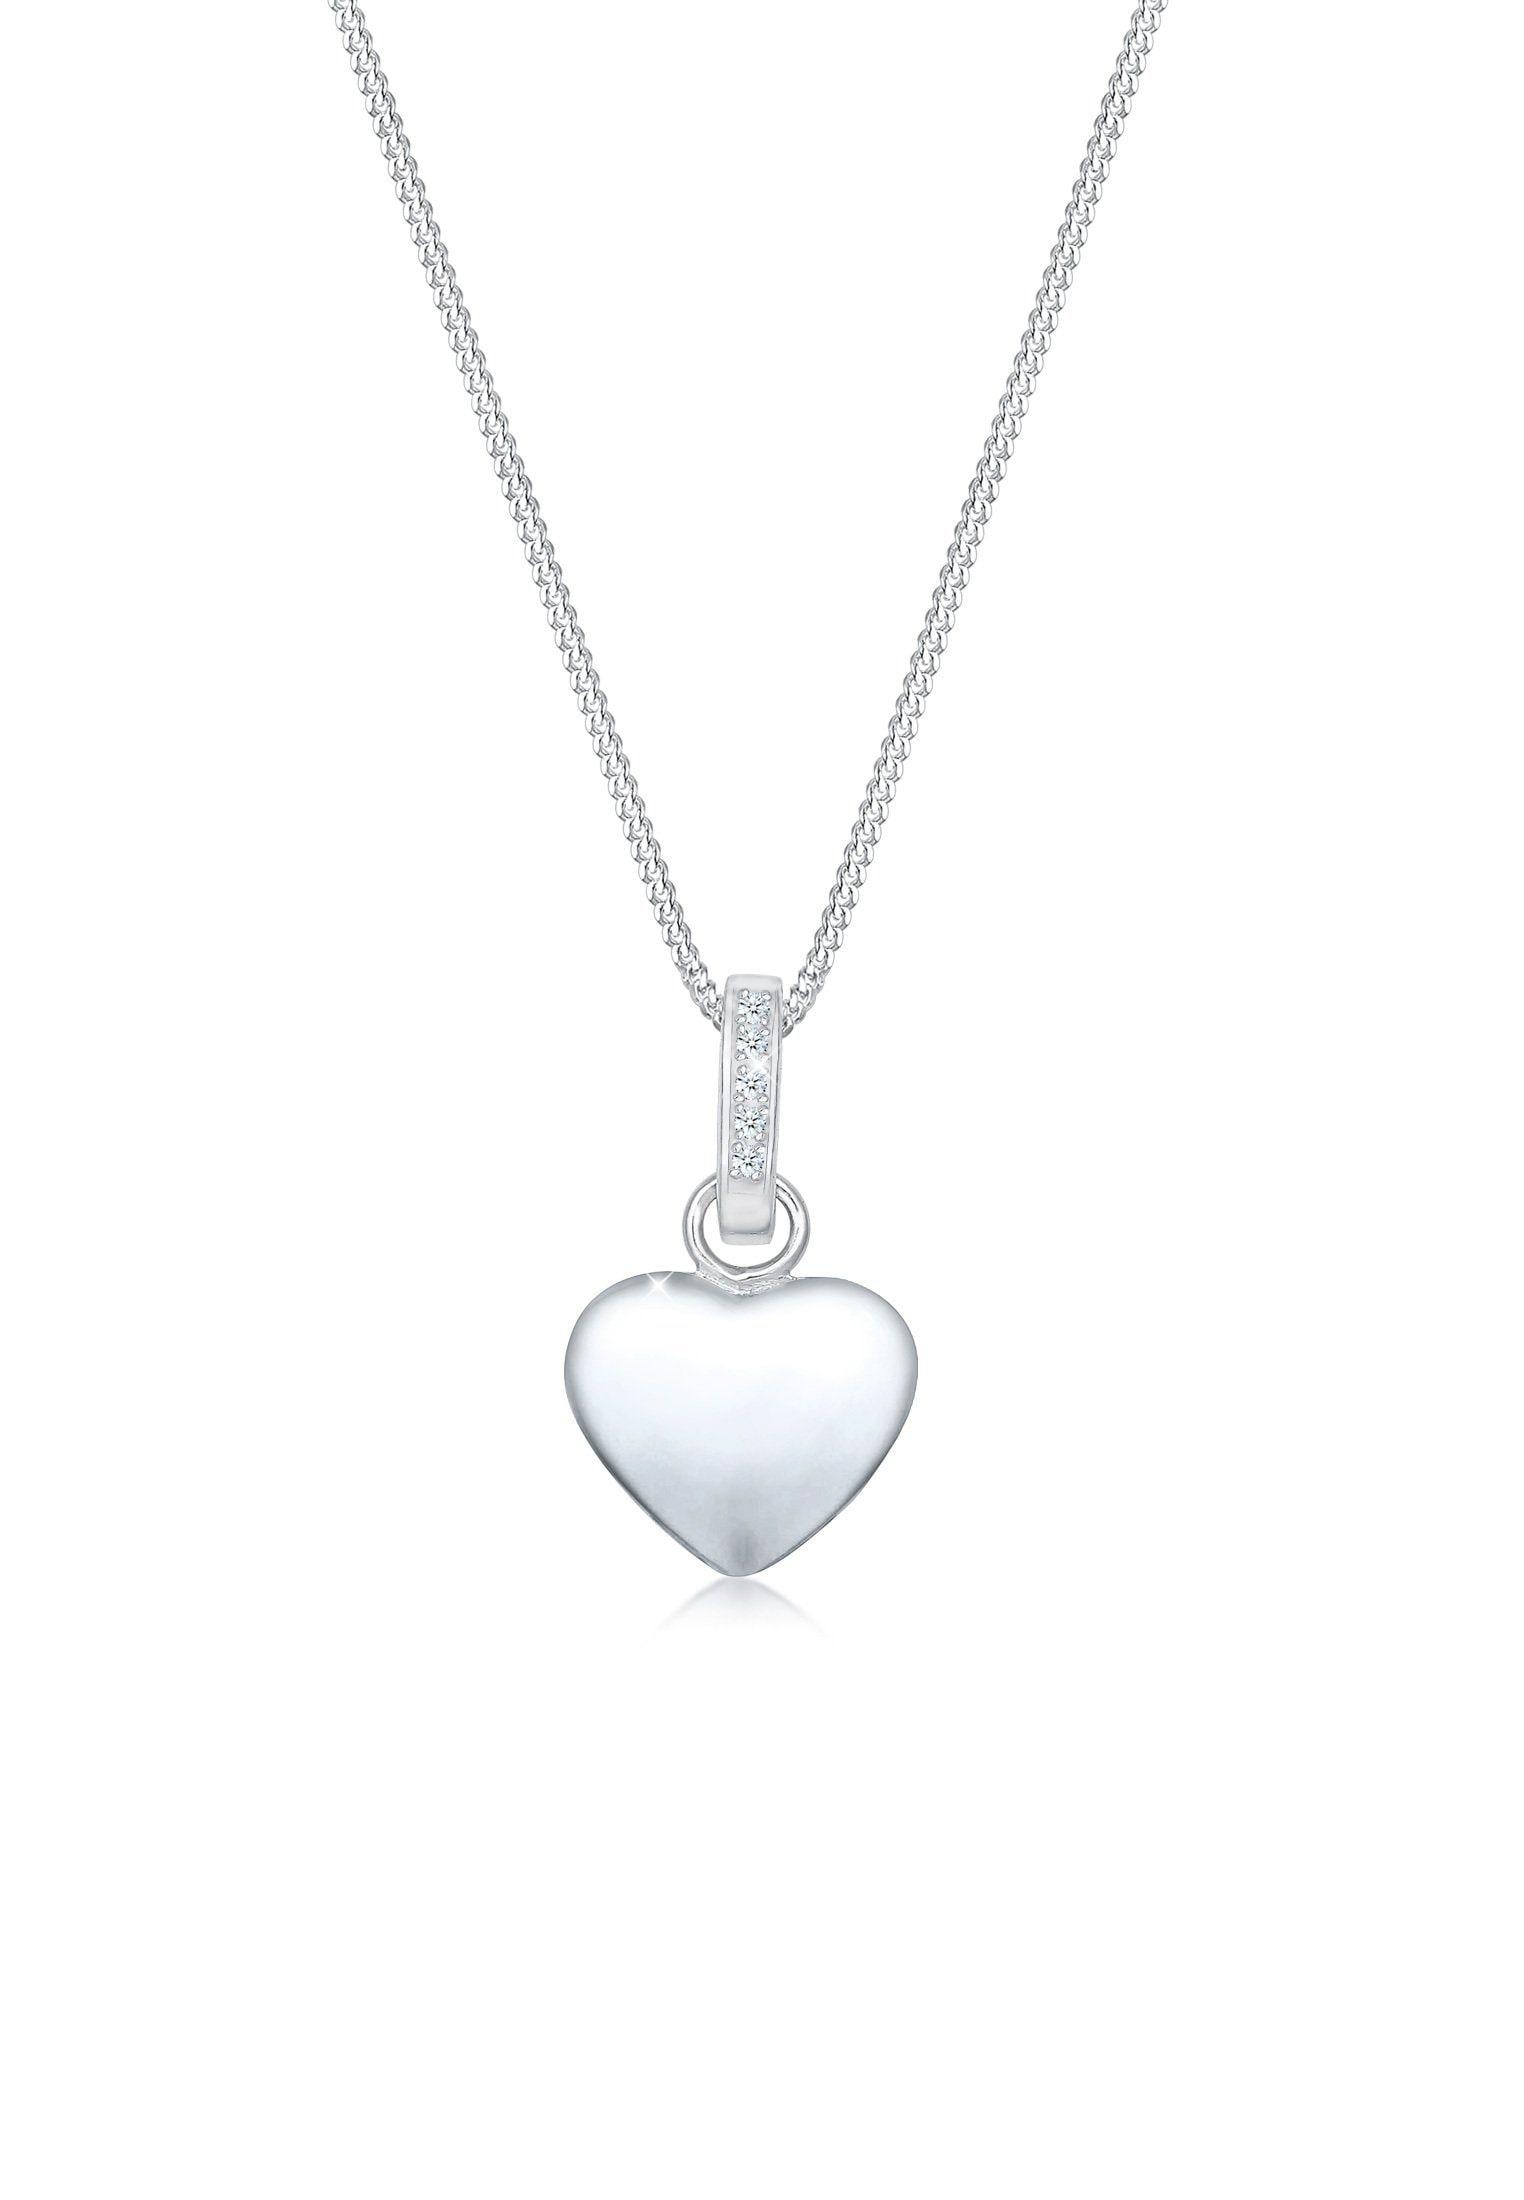 Diamore Collierkettchen Panzerkette Herz Diamant (005 ct) 925er Silber | Schmuck > Halsketten > Panzerketten | Diamore